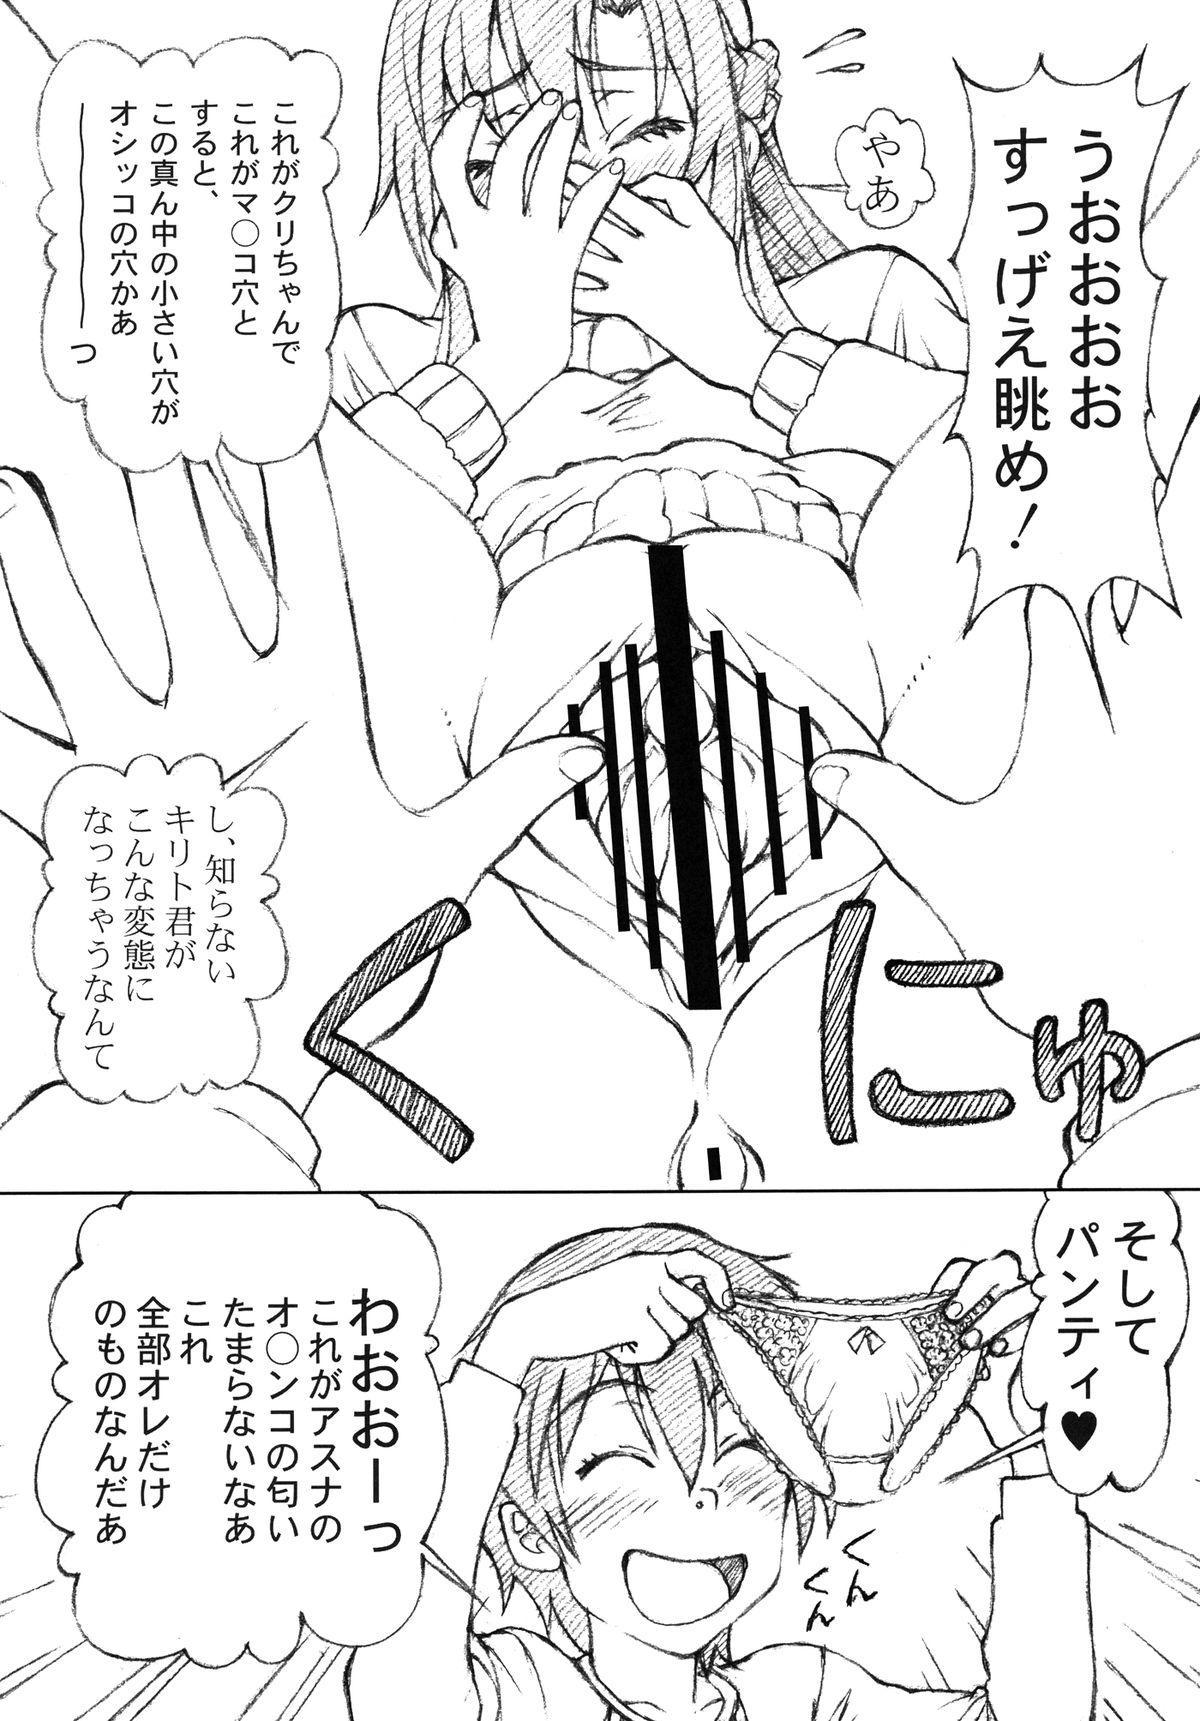 Asuna to Kirito no Icha Love Teki Shinkon Seikatsu 6